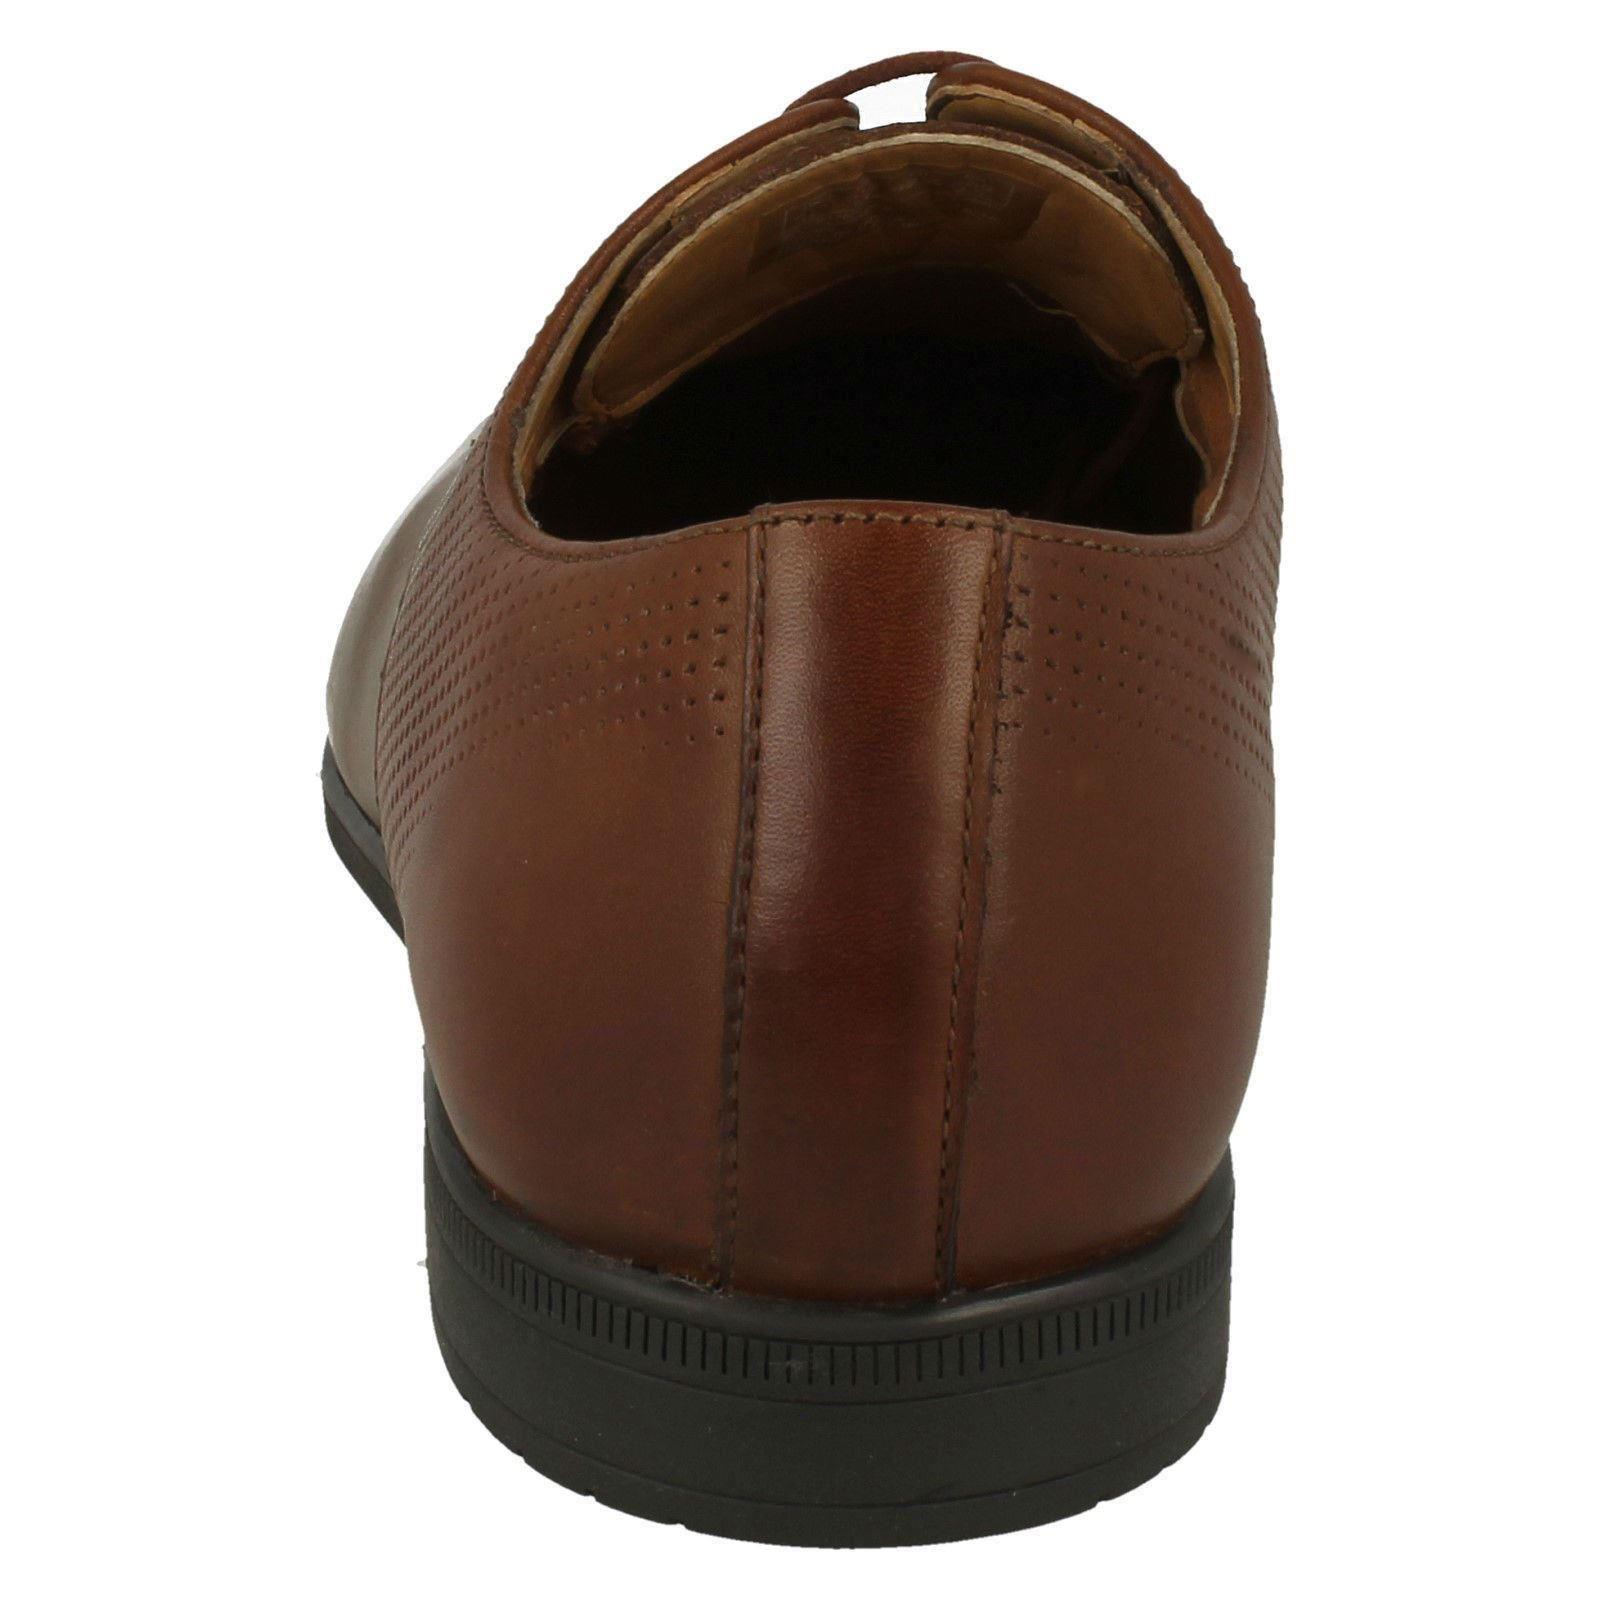 Formal Cordones Hombre Zapatos con Cordones Formal Bampton Andar 5b96fe